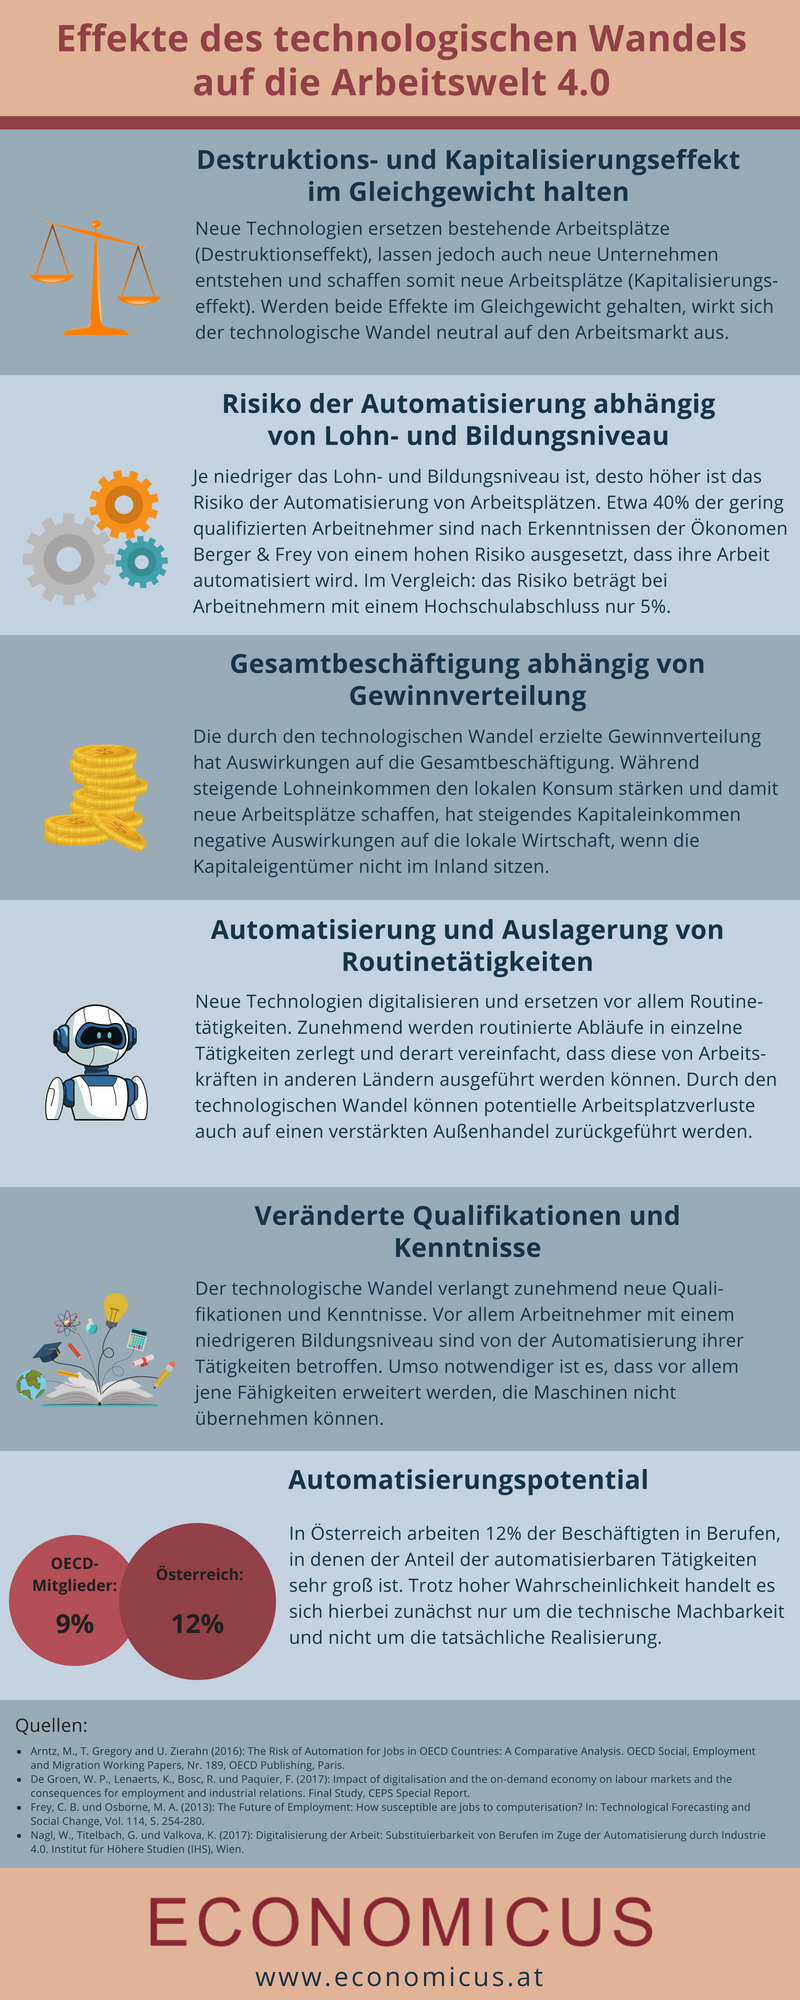 Economicus_Effekte des technologischen Wandels auf die Arbeitswelt 4.0